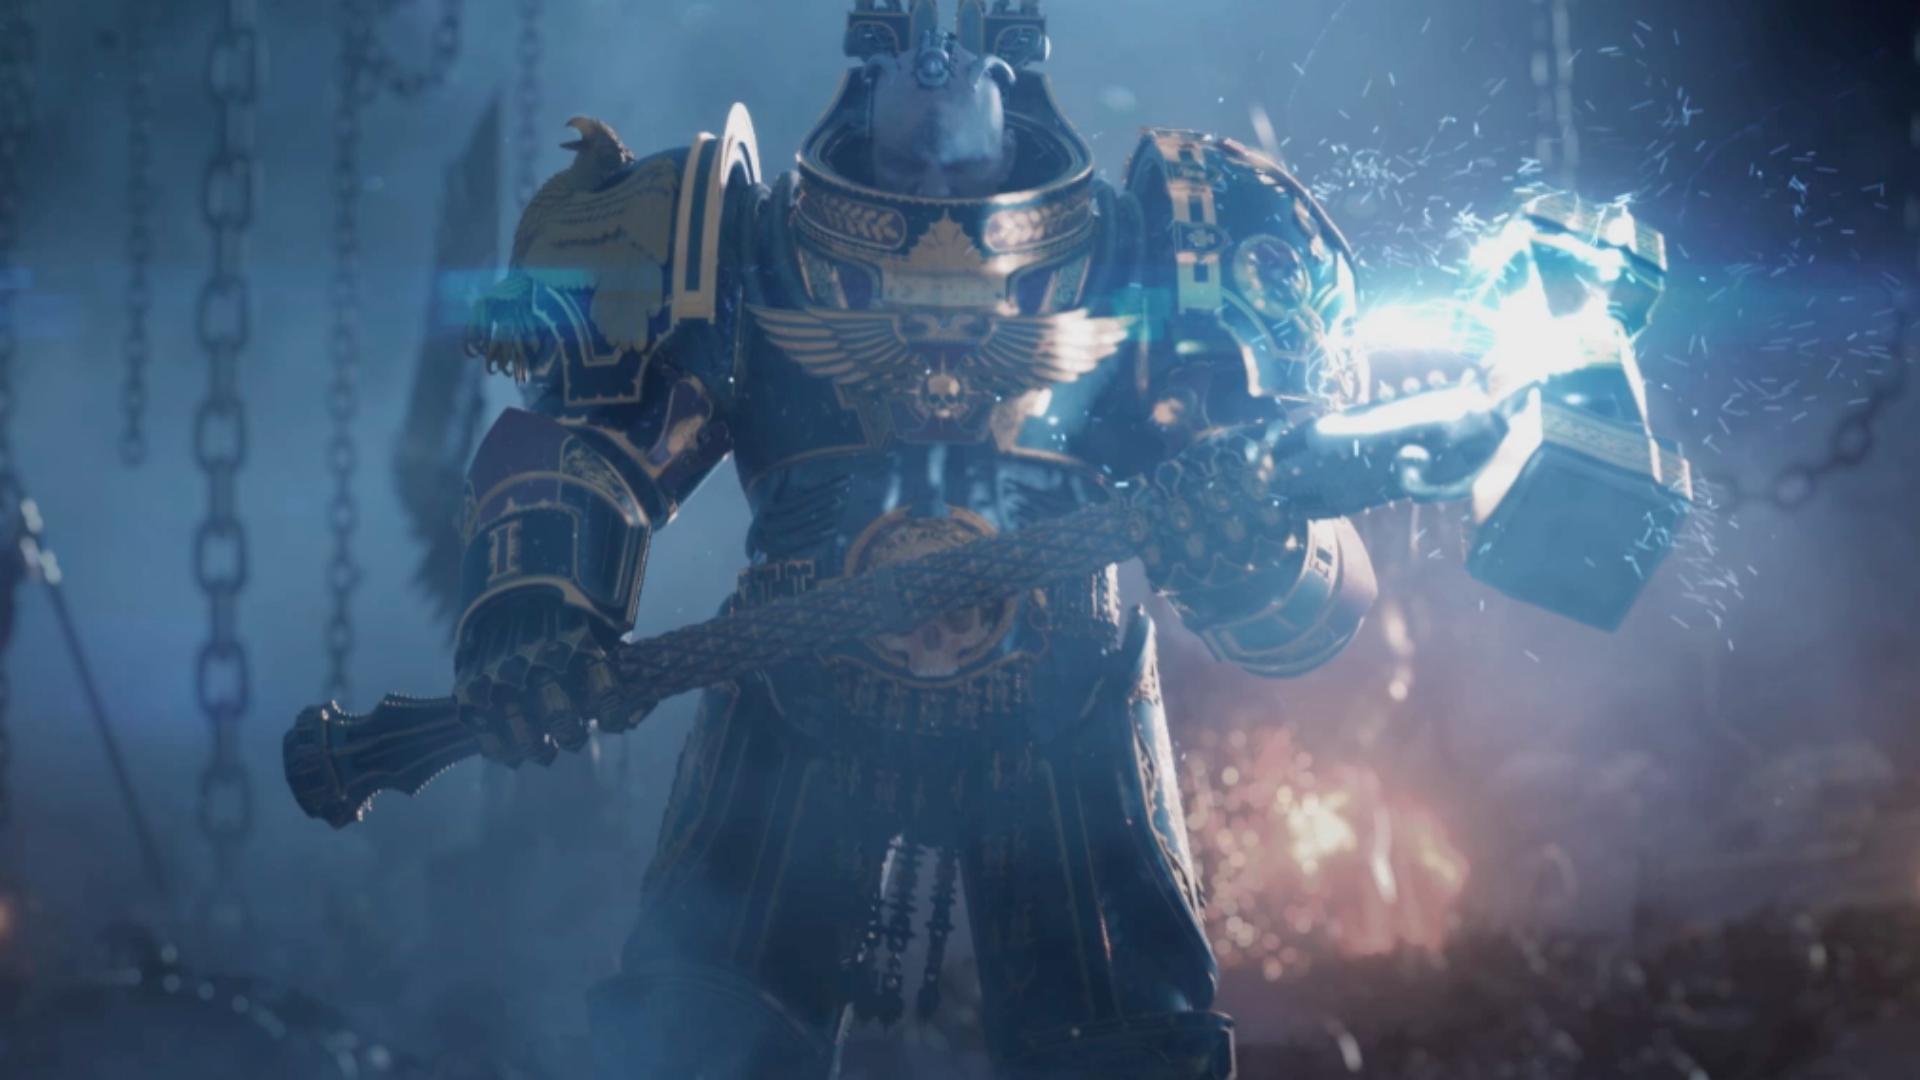 Chystá se seriálová adaptace Warhammer 40.000